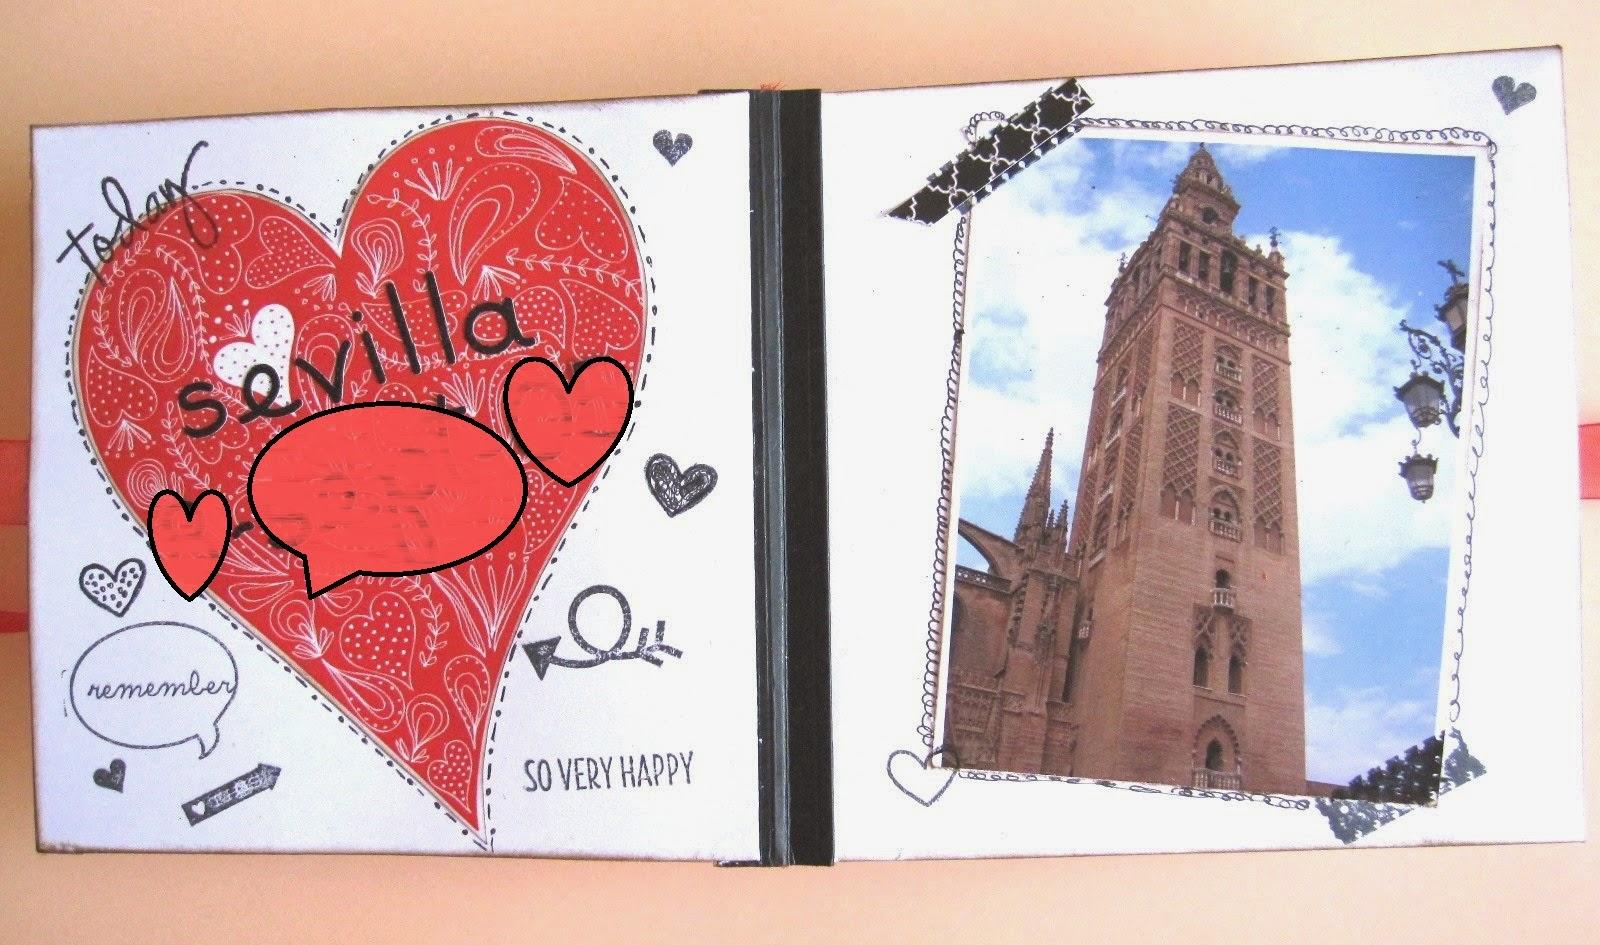 primera página del LOVE mini-álbum, a la izquierda un corazón y a la derecha una imagen de la Giralda de Sevilla